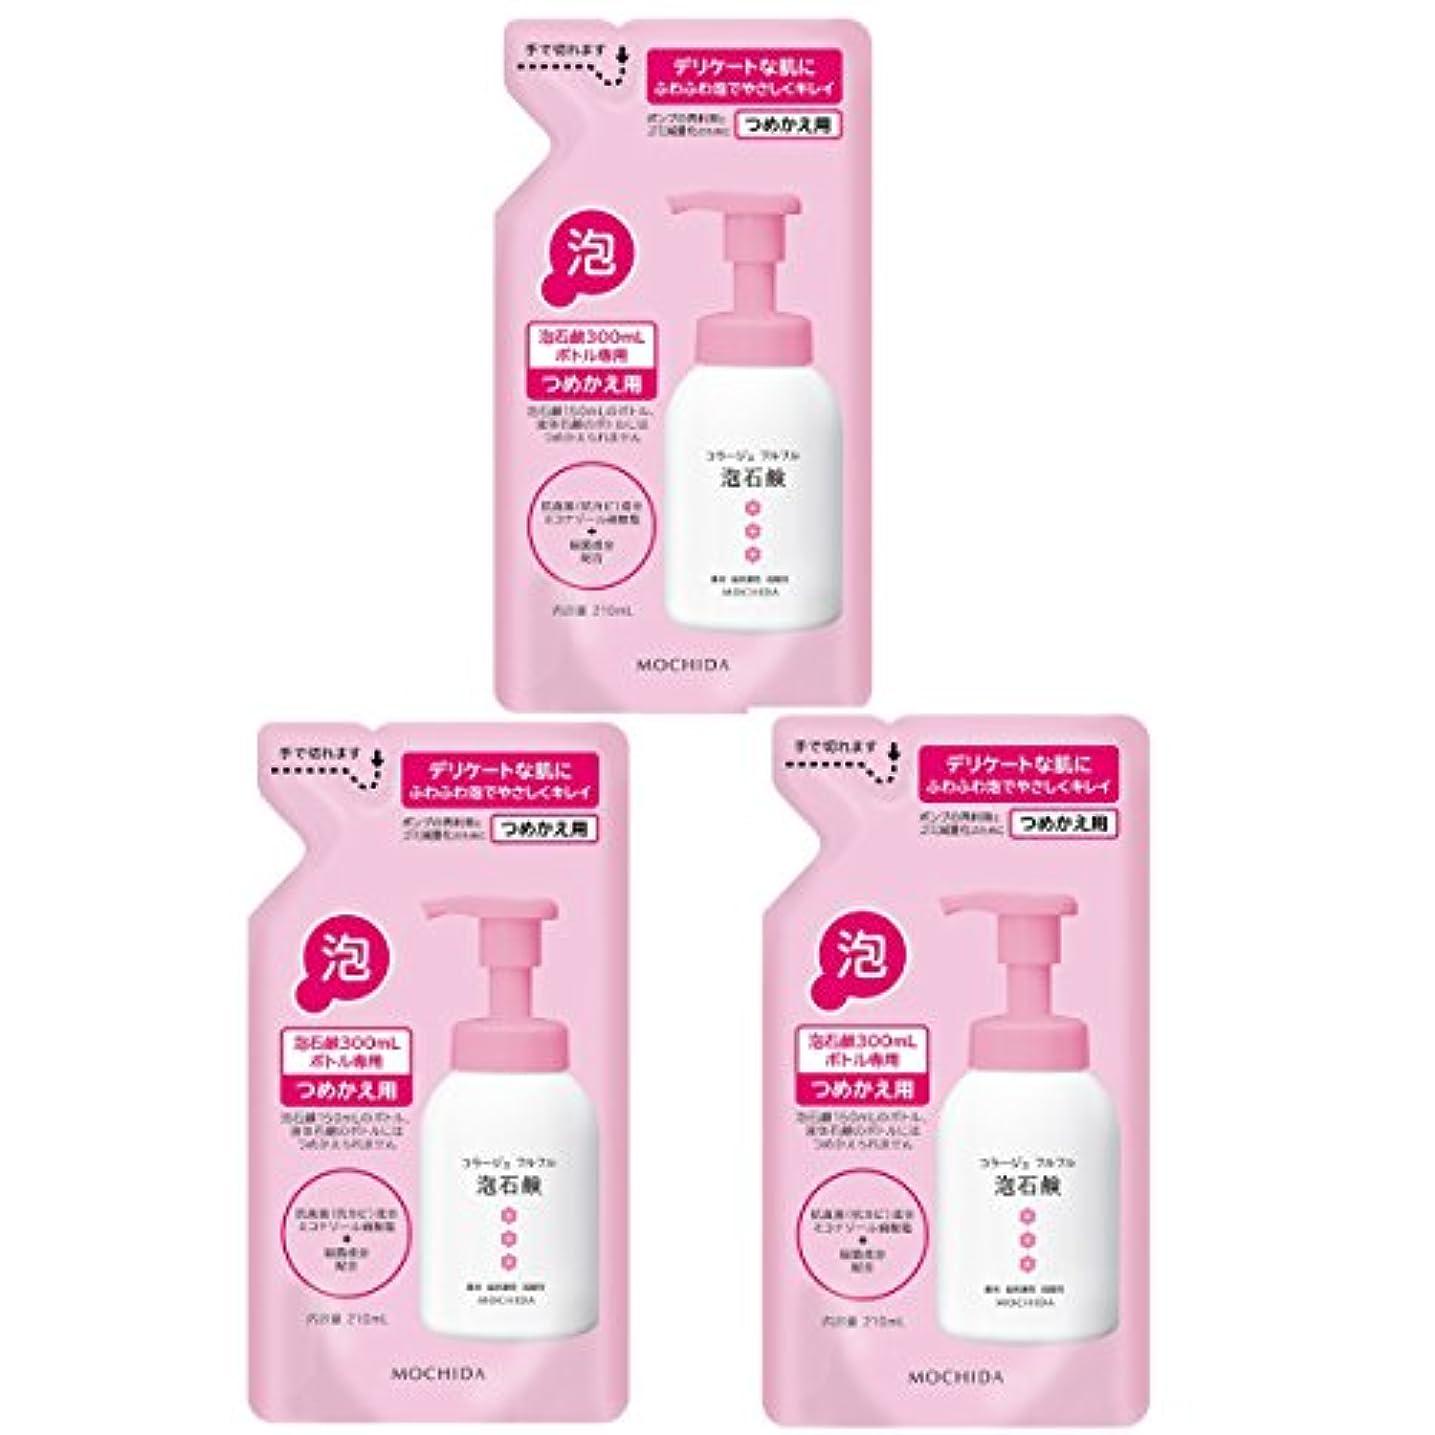 シンプトン揺れるかかわらずコラージュフルフル 泡石鹸 ピンク つめかえ用 210mL (医薬部外品)×3